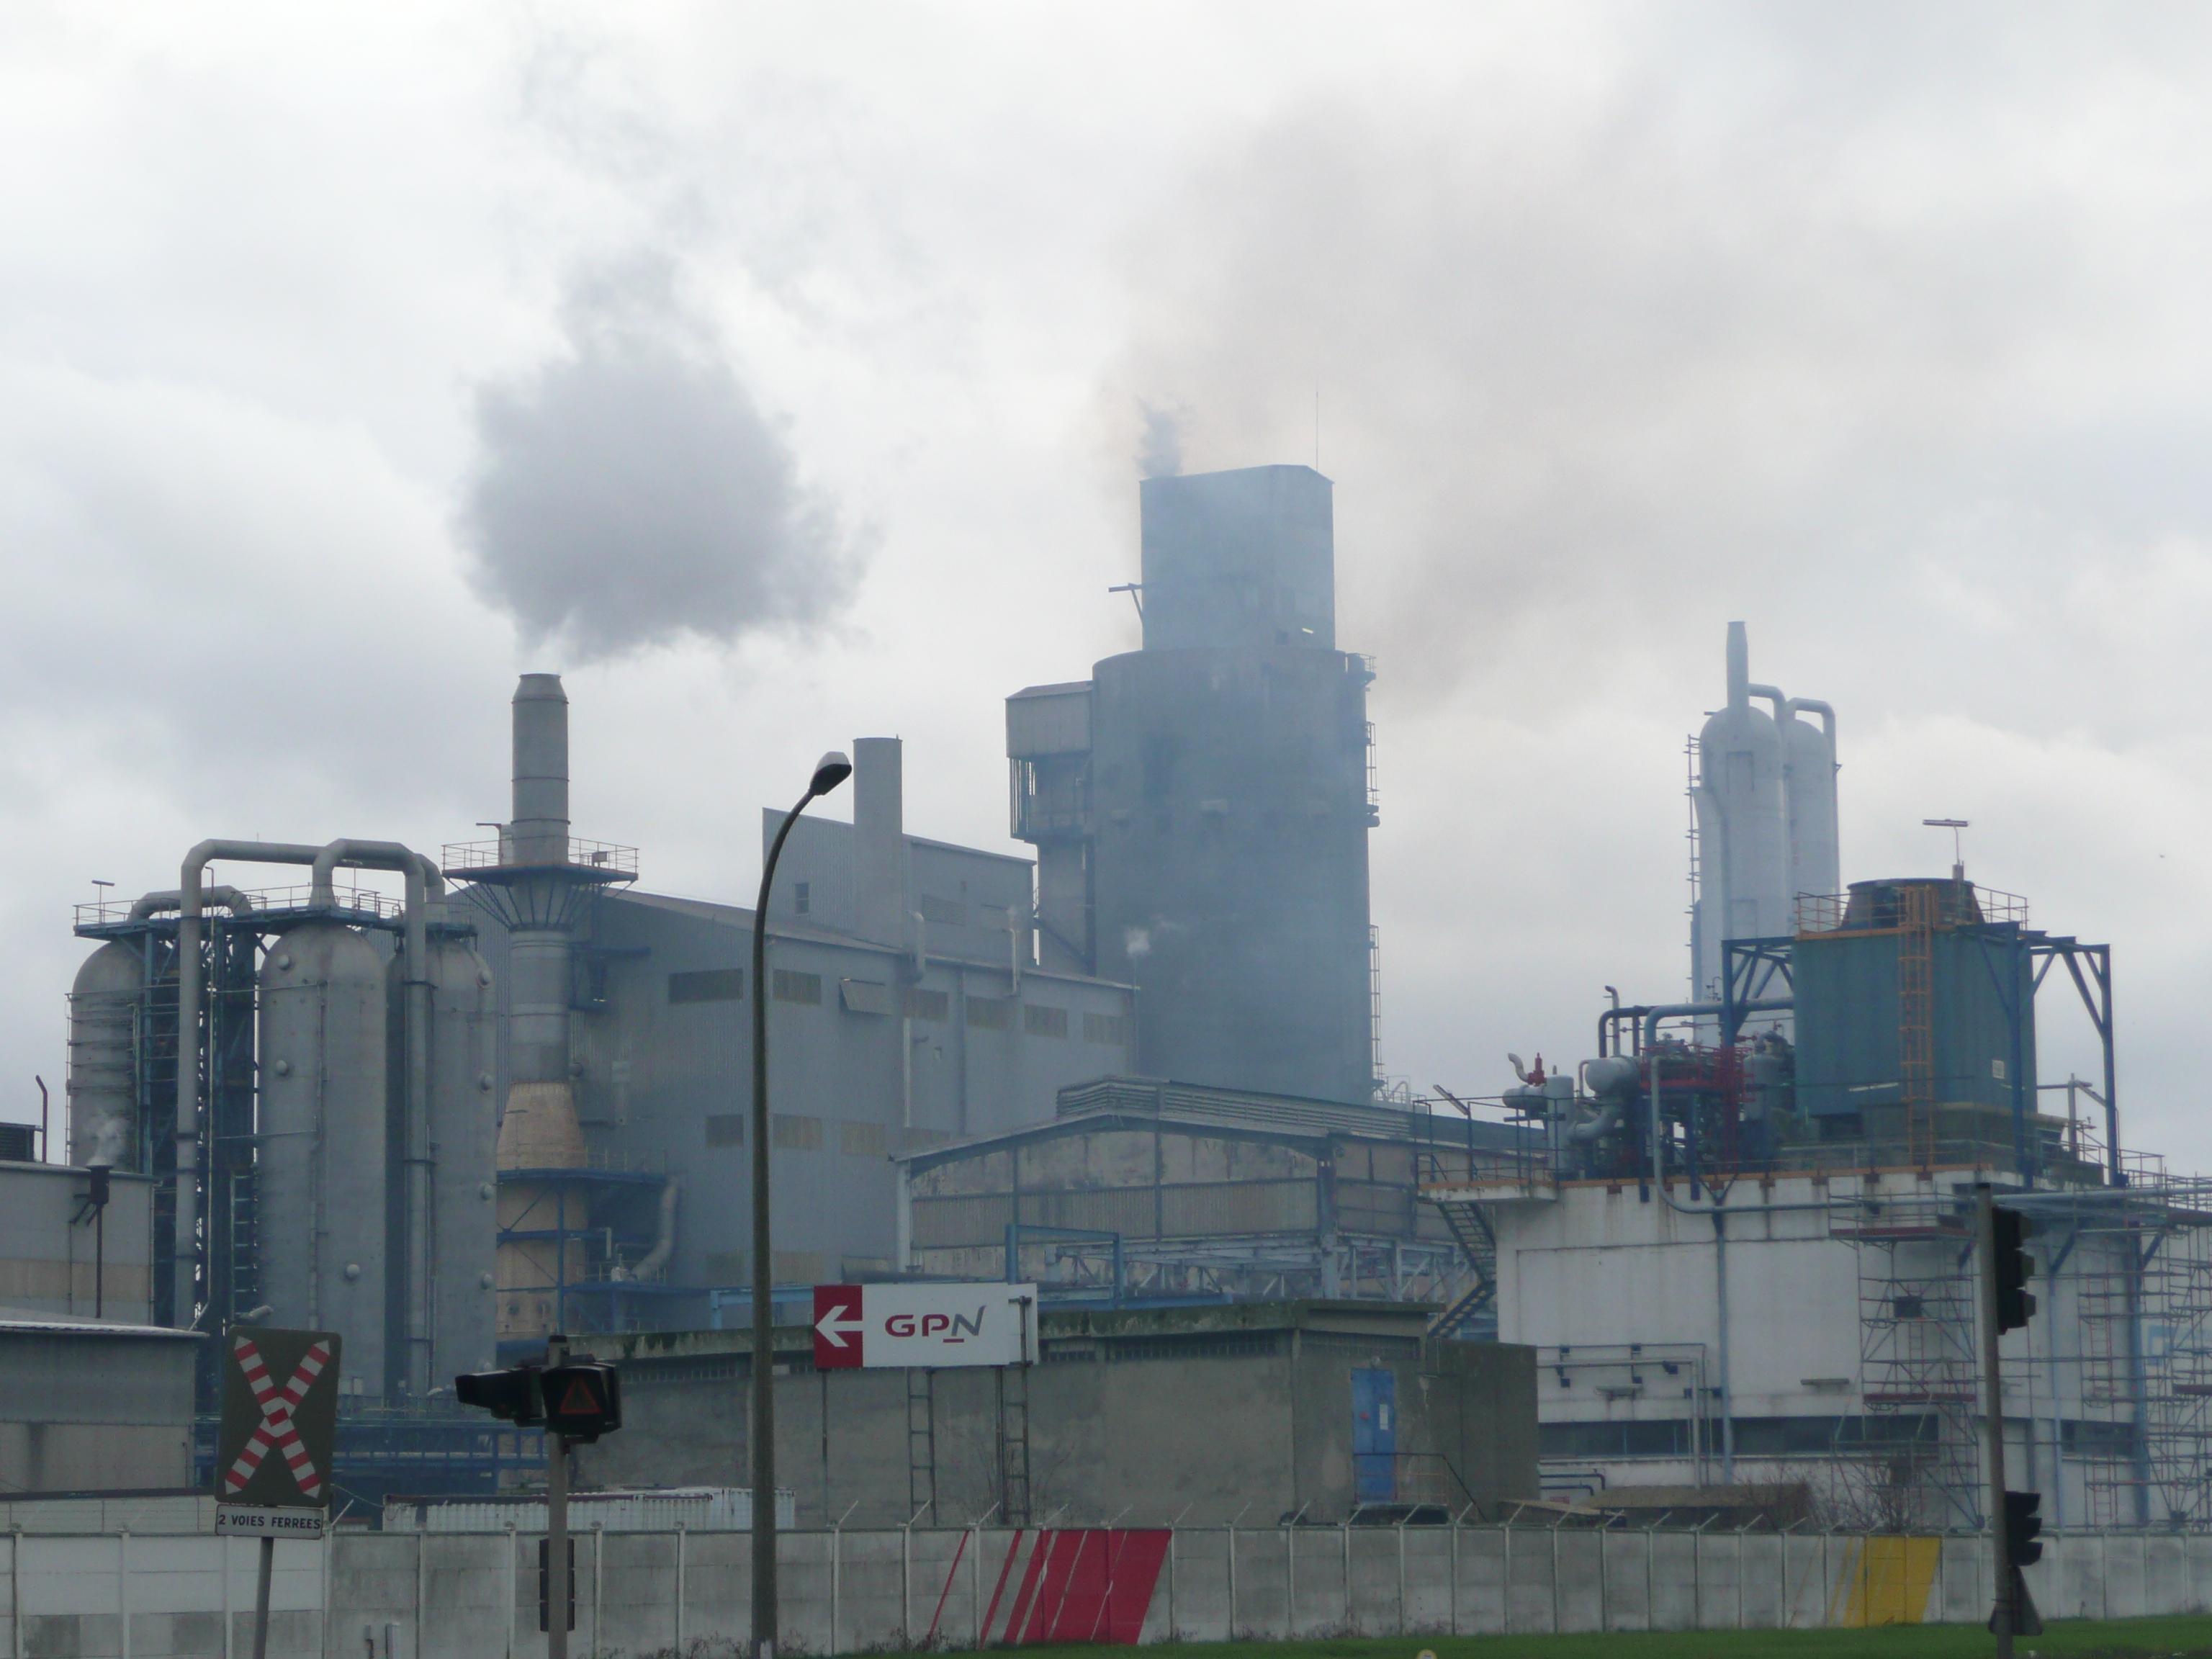 La préfecture recommande aux industriels, de s'assurer du bon état et du bon fonctionnement des installations de combustion et des dispositifs antipollution; de reporter, si possible, les opérations qui pourraient être à l'origine d'émissions atmosphériques polluantes inhabituelles (Illustration@infoNormandie)